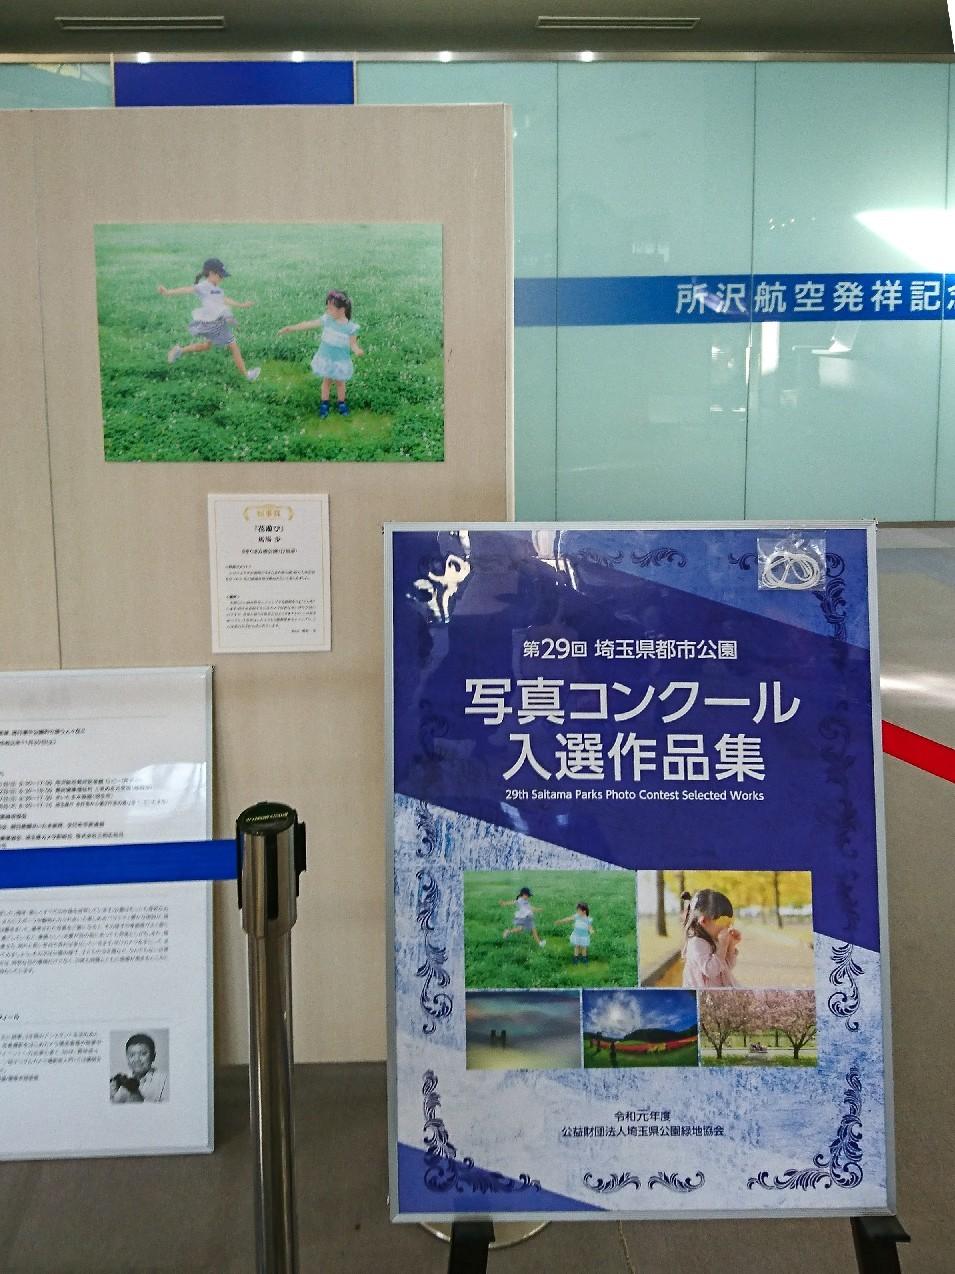 第29回埼玉県都市公園写真コンクール 知事賞_b0251929_17425137.jpg